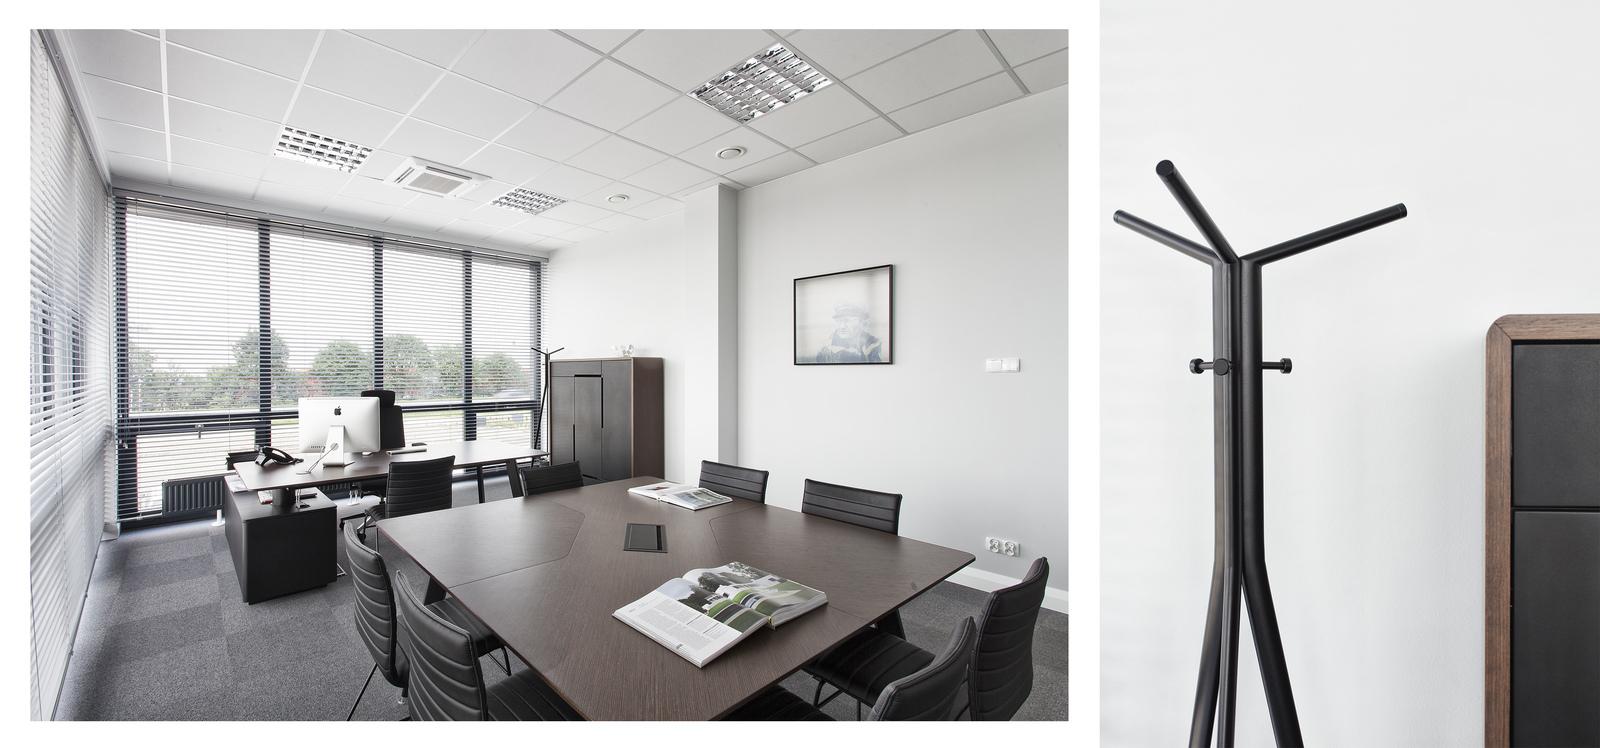 Biurka i wieszak - wnętrza firmy POLNET